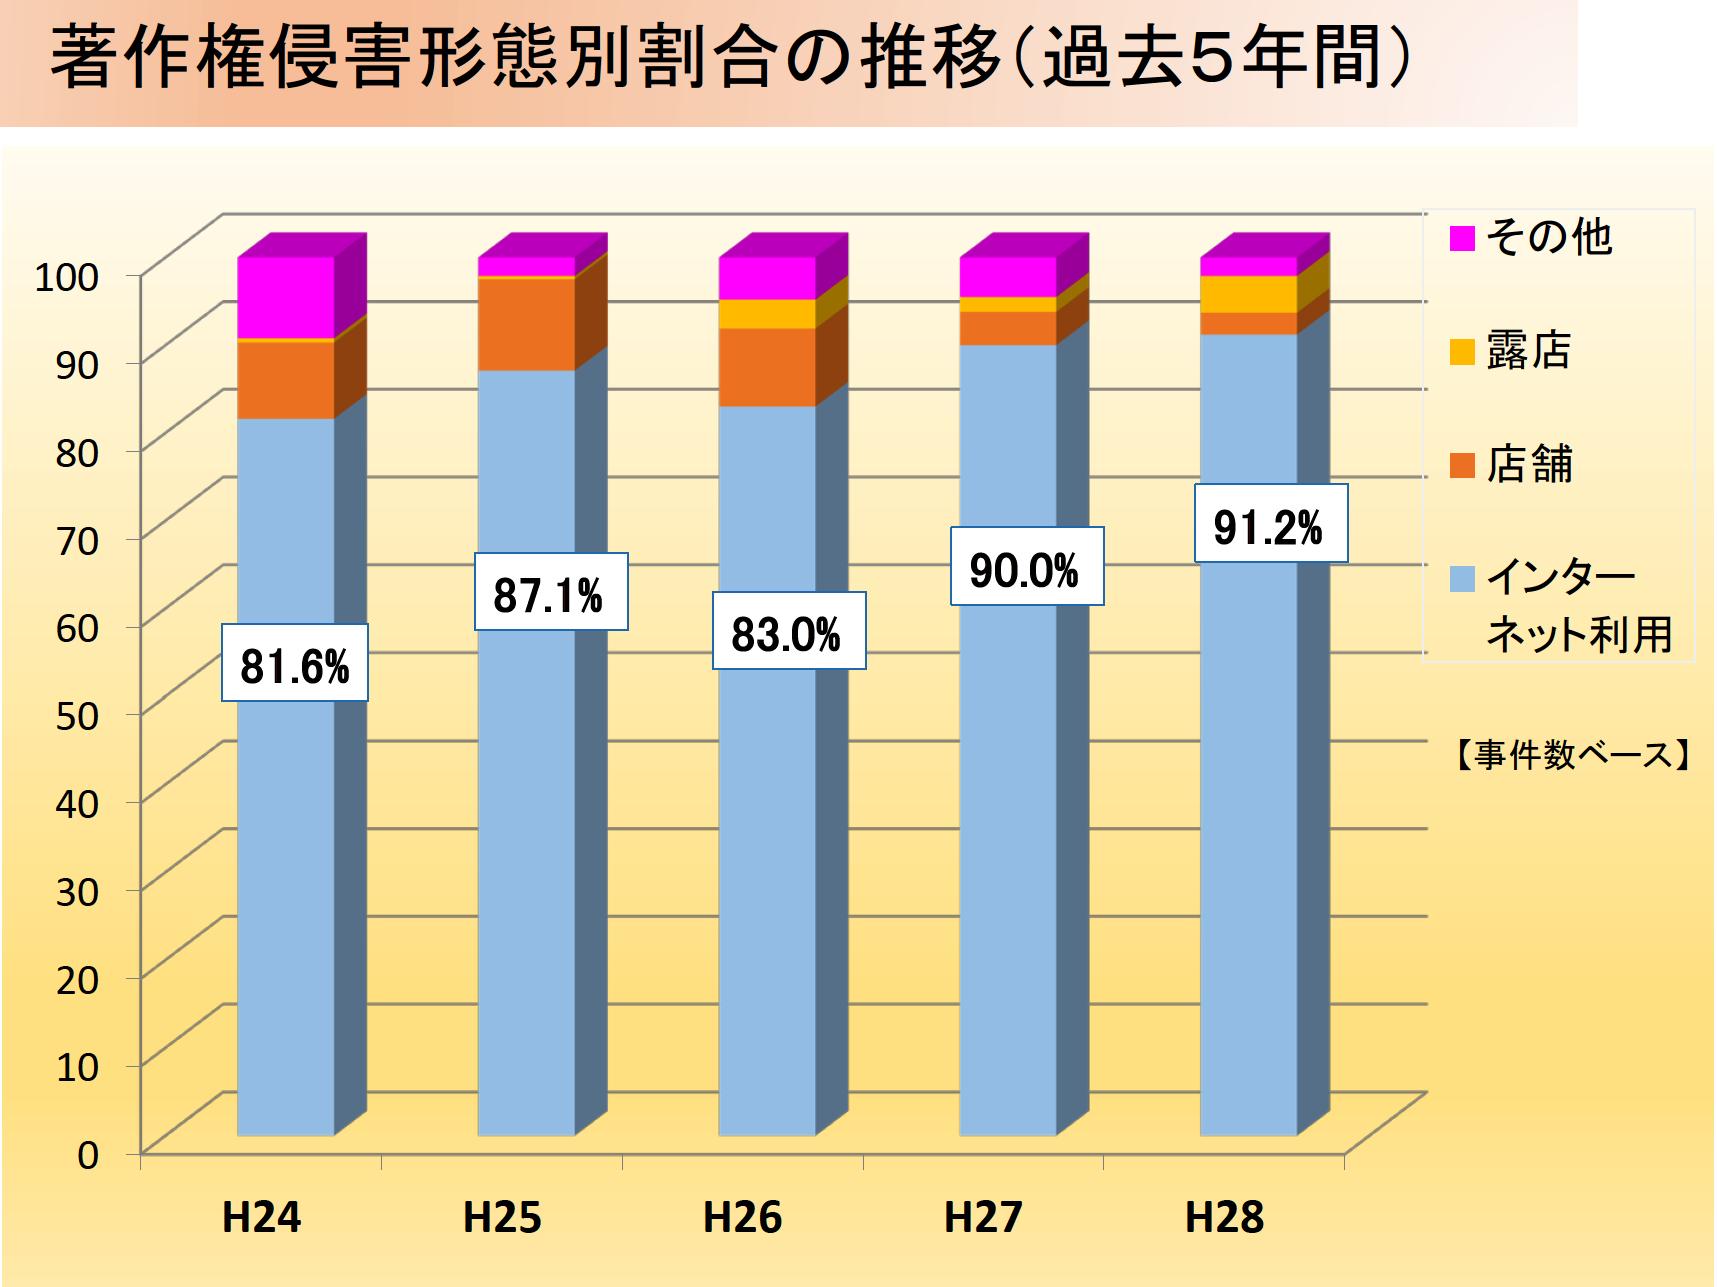 著作権侵害形態別割合の推移(過去5年間)